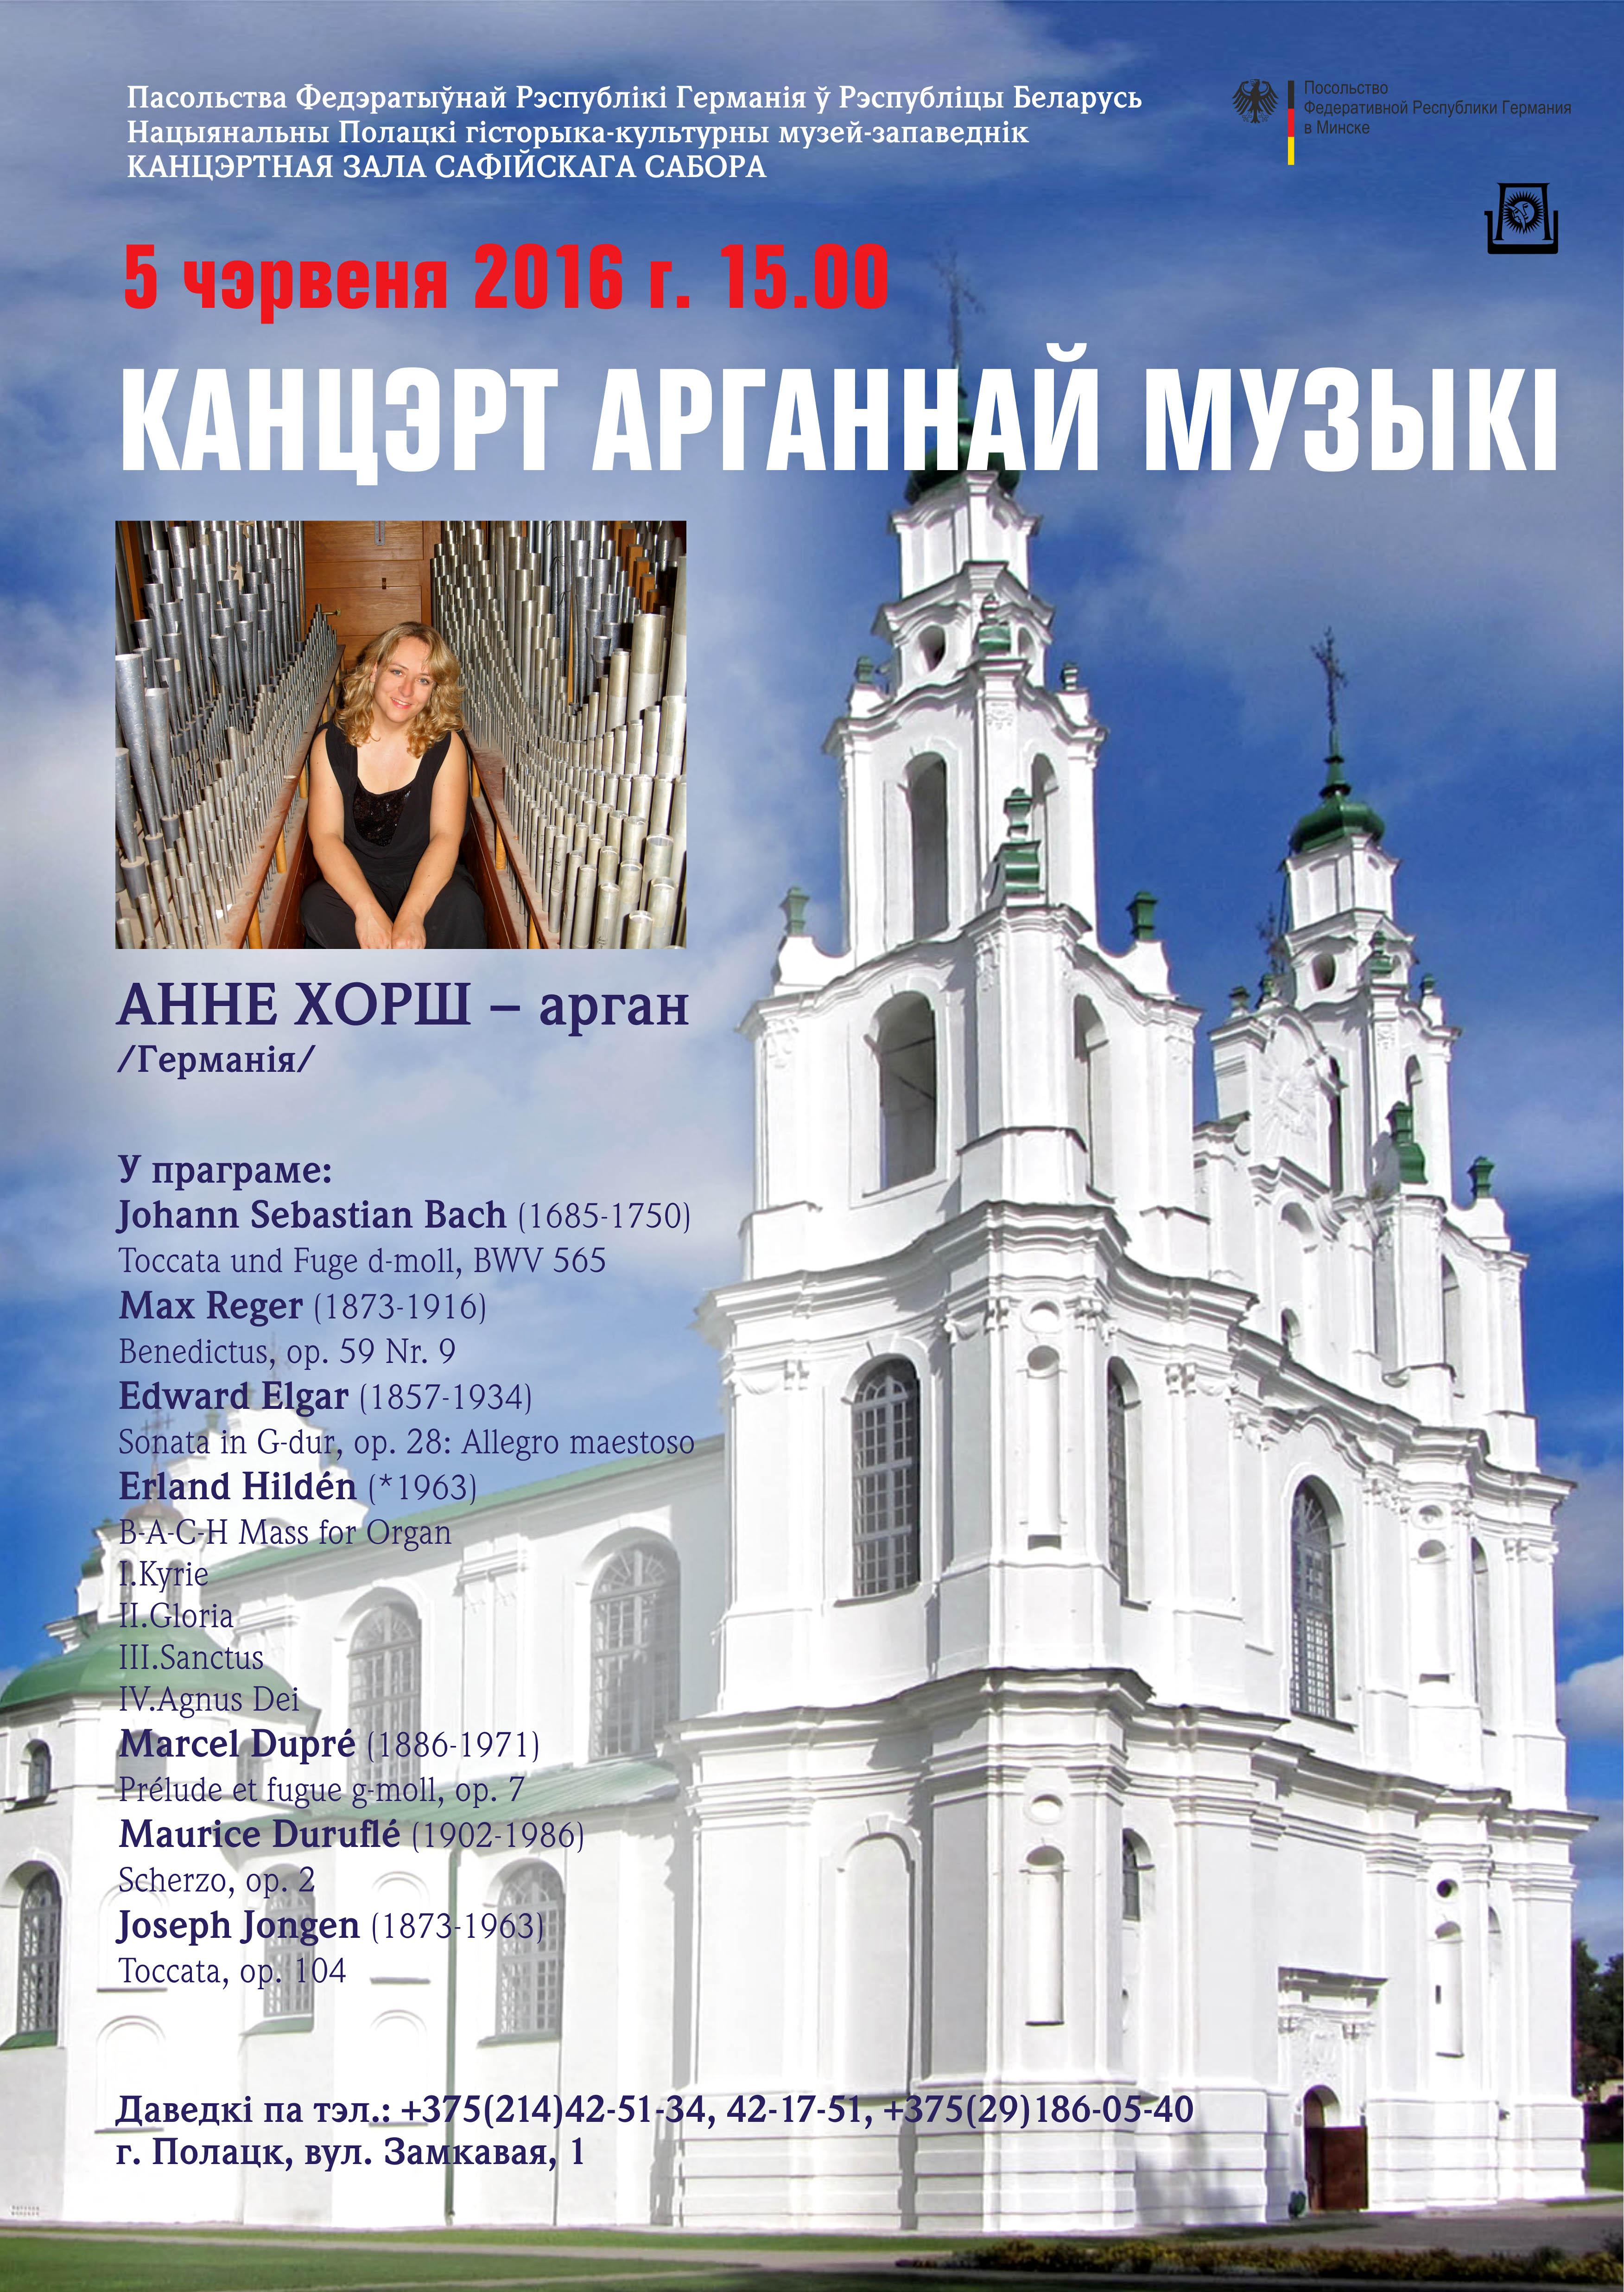 Концерт немецкой органистки Анне Хорш в Софийском соборе